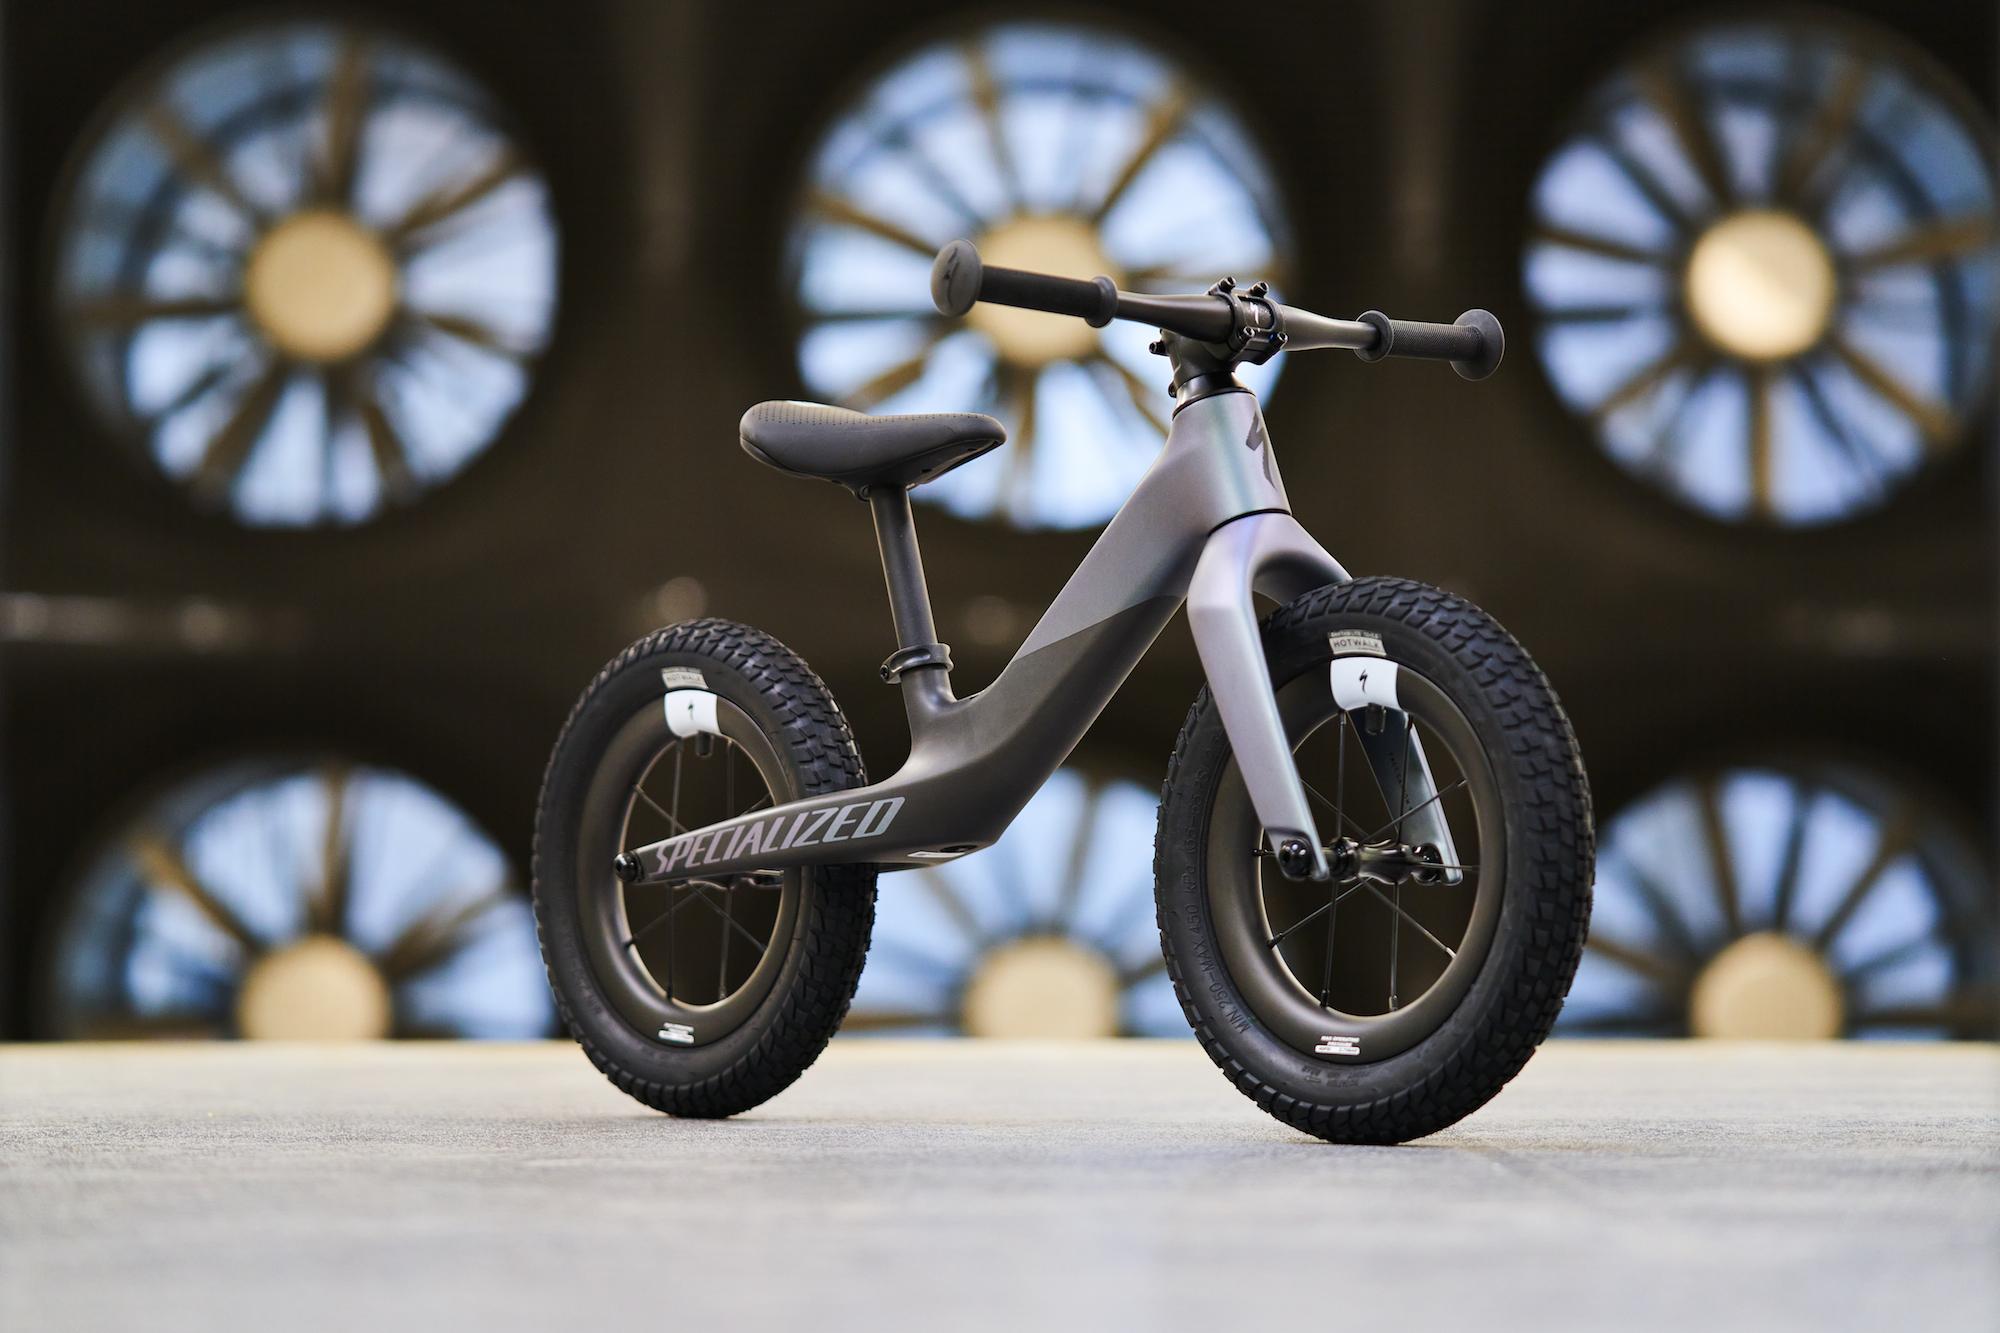 Specialized svela la suprema superbike in fibra di carbonio da 2 kg … per i più piccoli